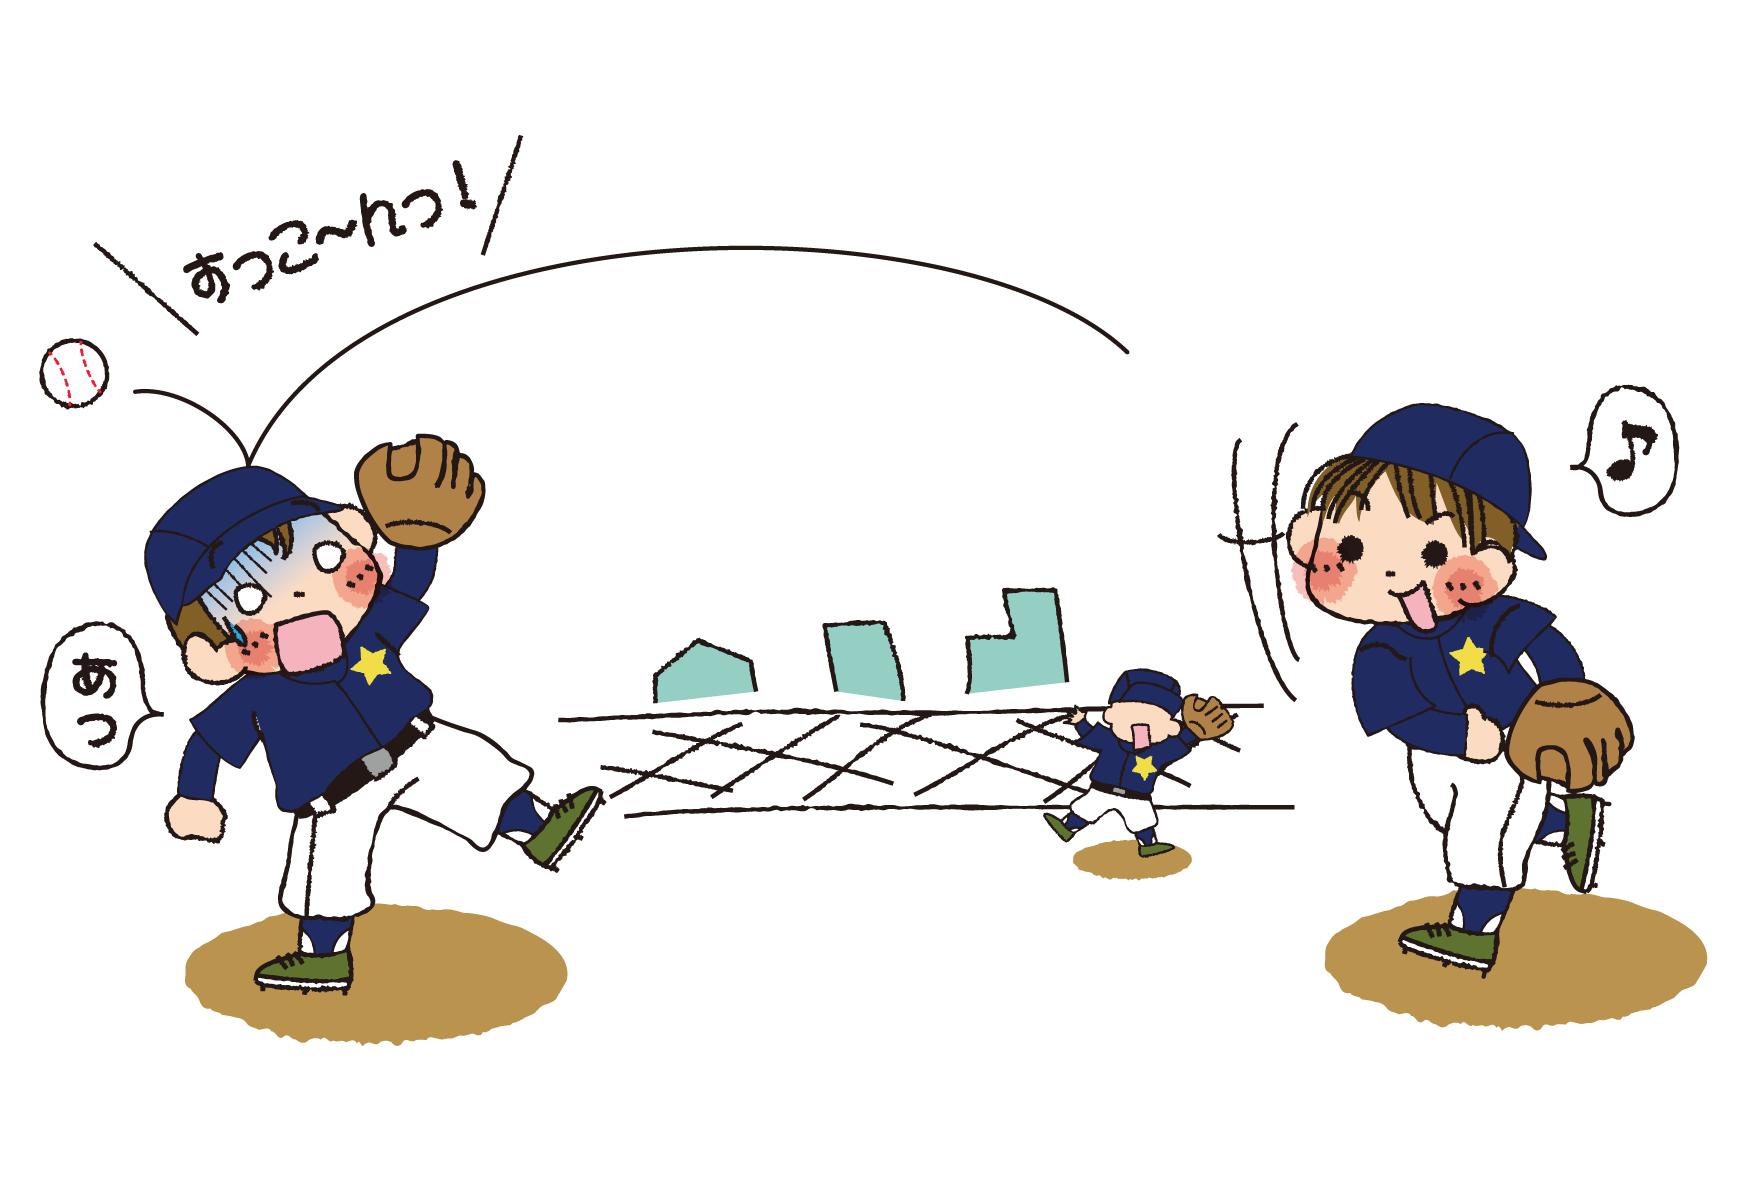 野球関係印刷向け | 夢夢色TOWN : 年賀状 羊 テンプレート : 年賀状